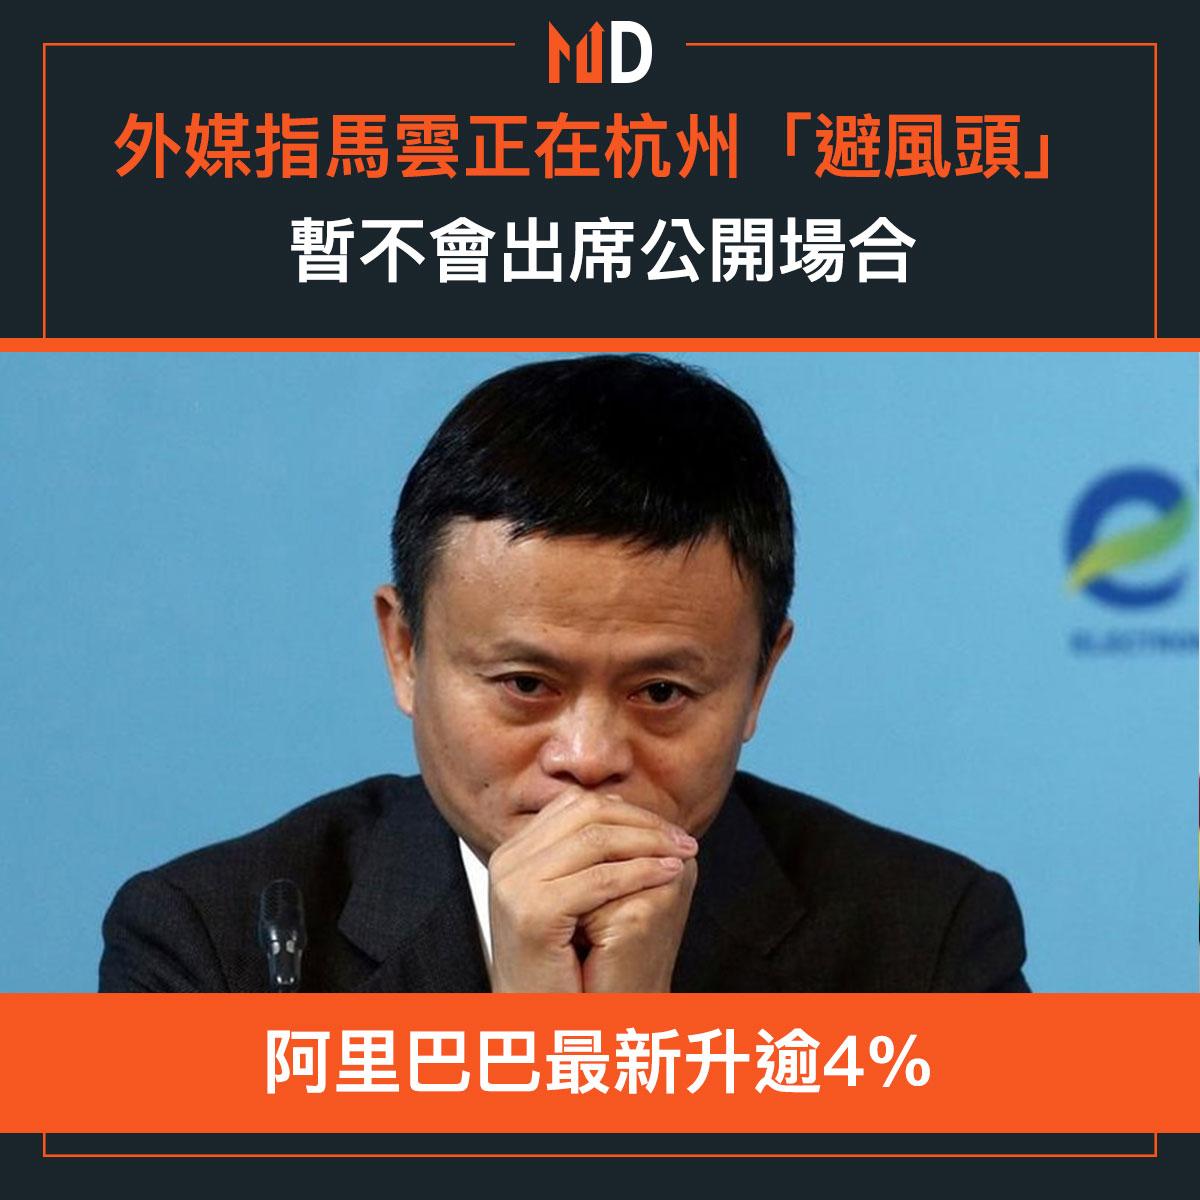 外媒指馬雲正在杭州「避風頭」,暫不會出席公開場合